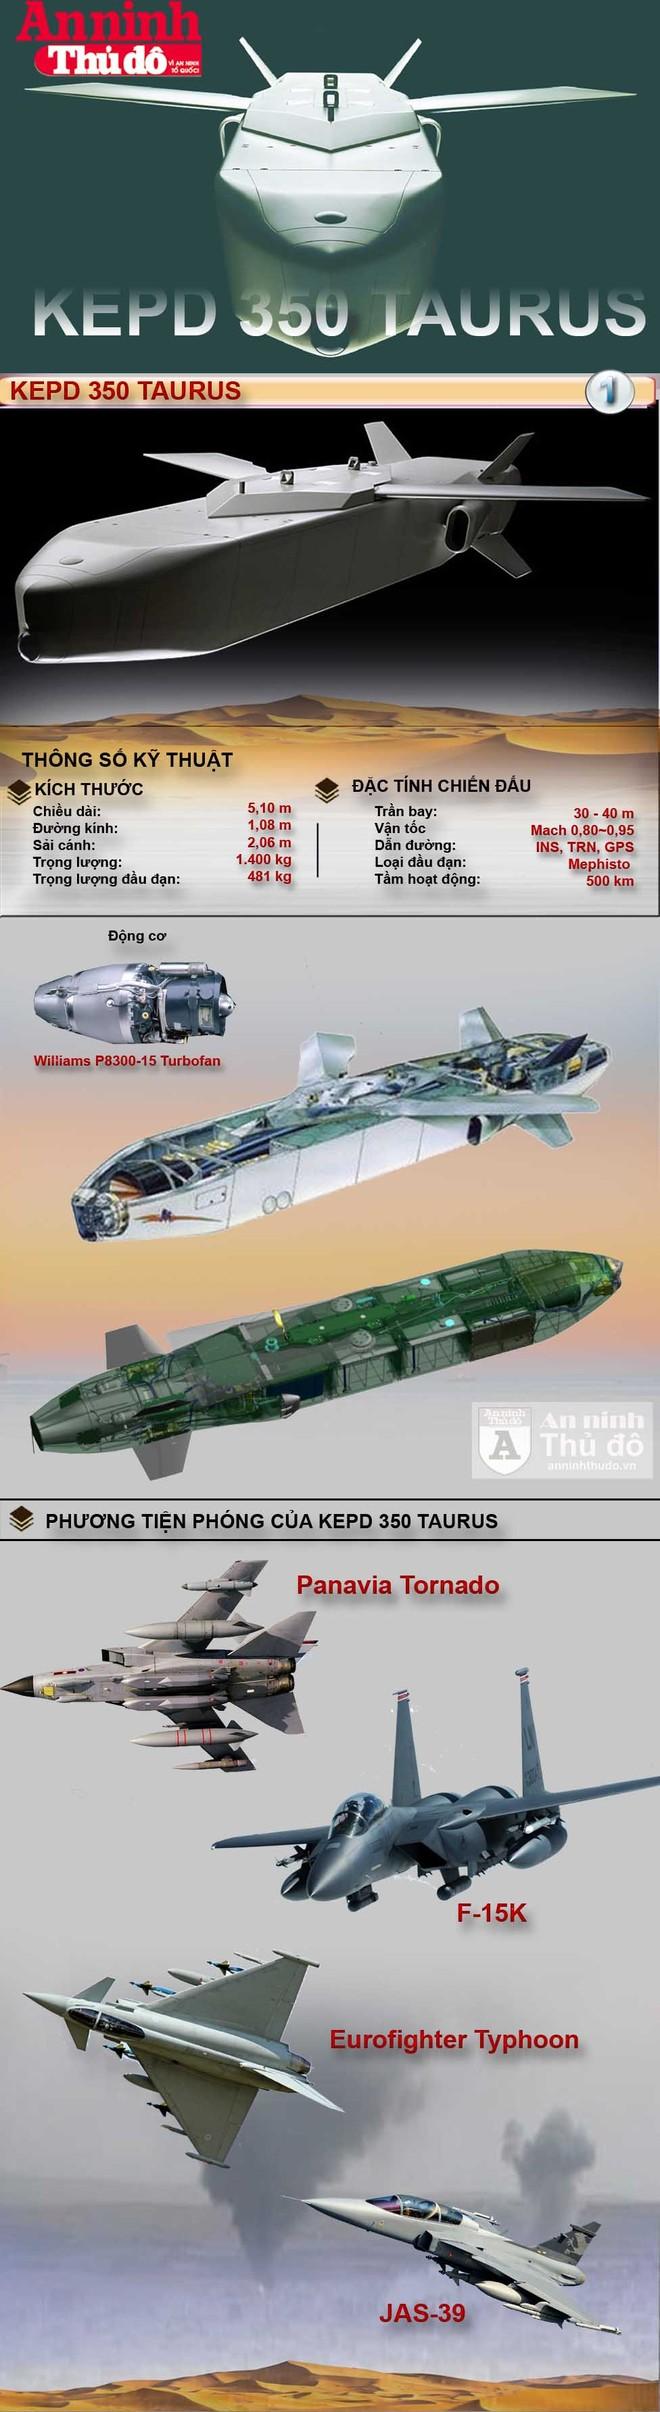 [Infographic] Tên lửa KEPD 350 Taurus có thể đột phá vào hệ thống phòng không ảnh 1